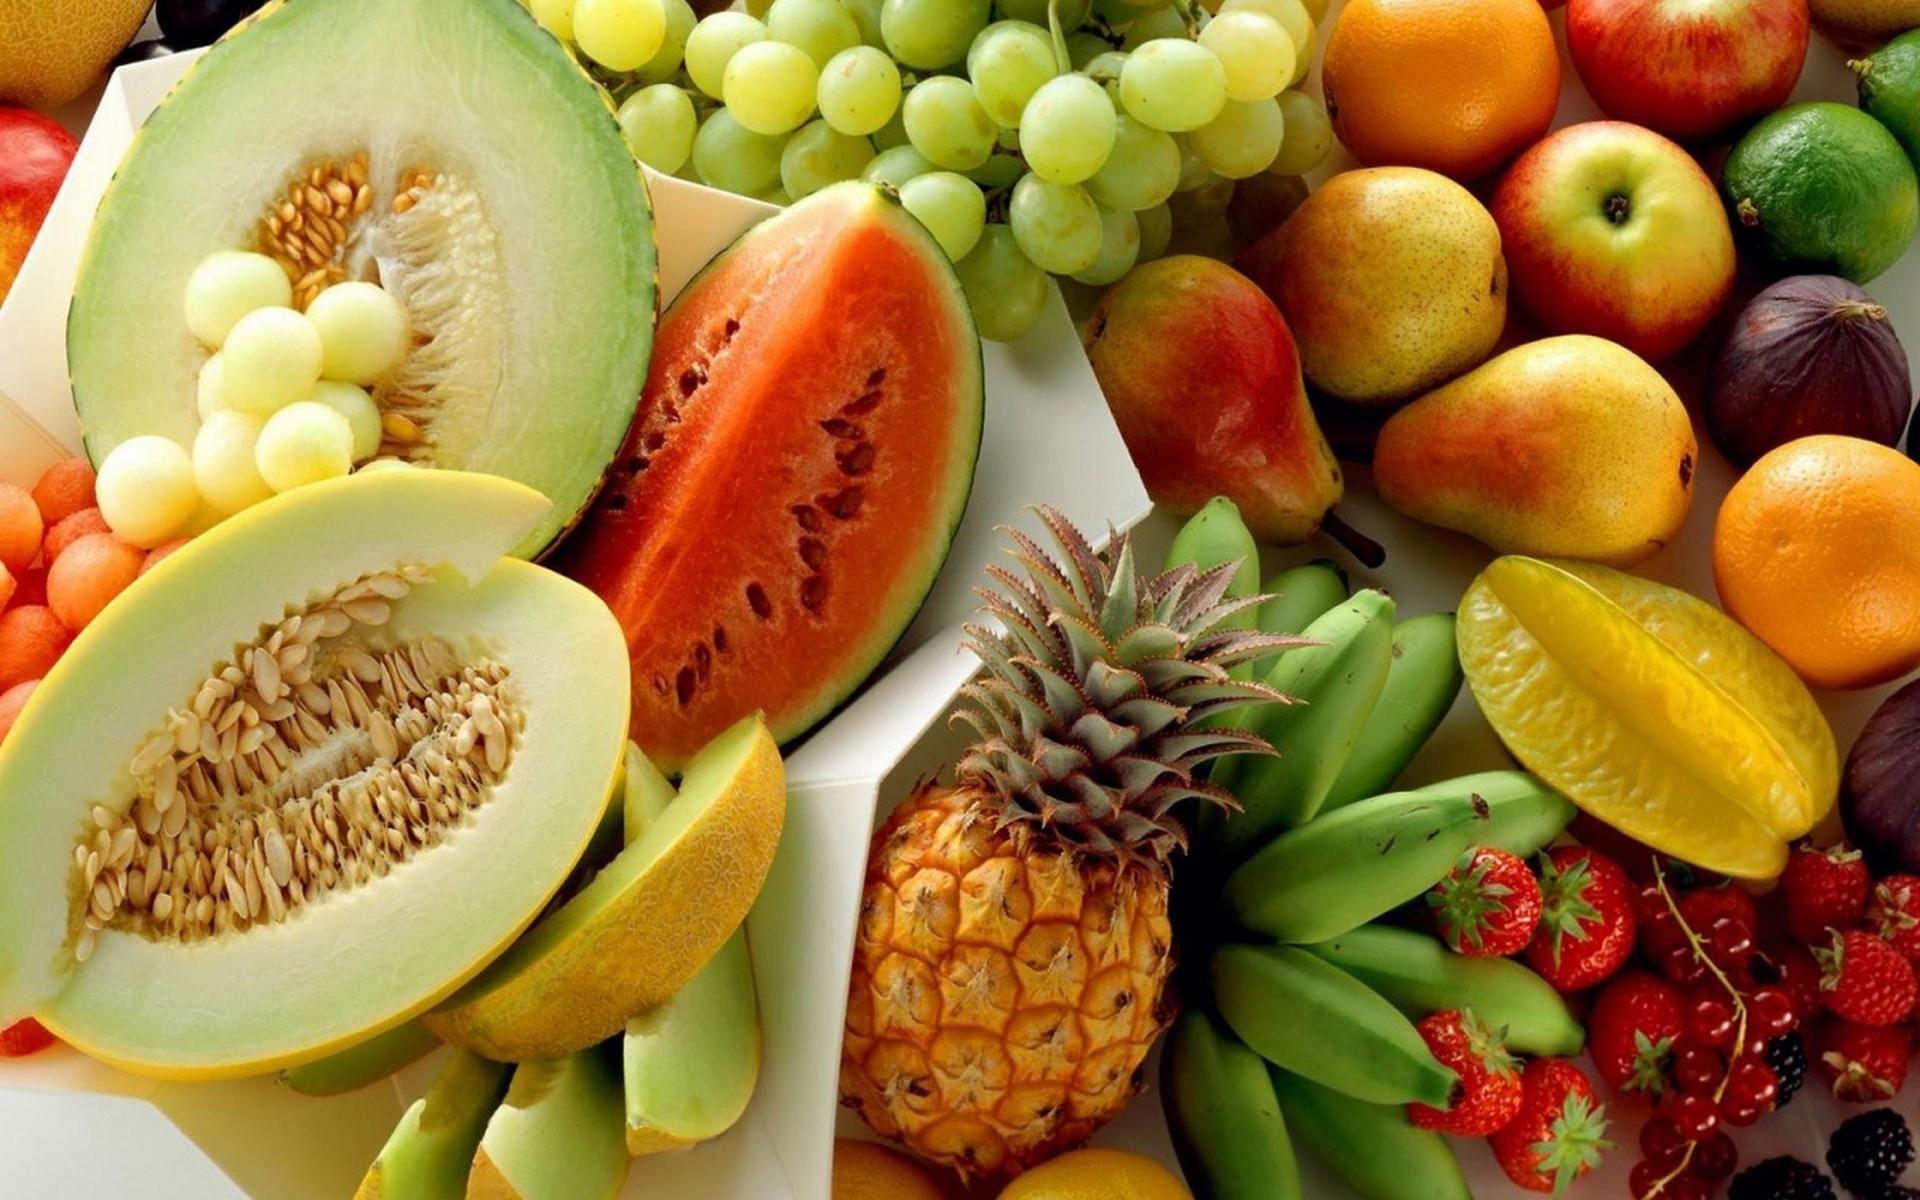 фрукты, груши, клубника